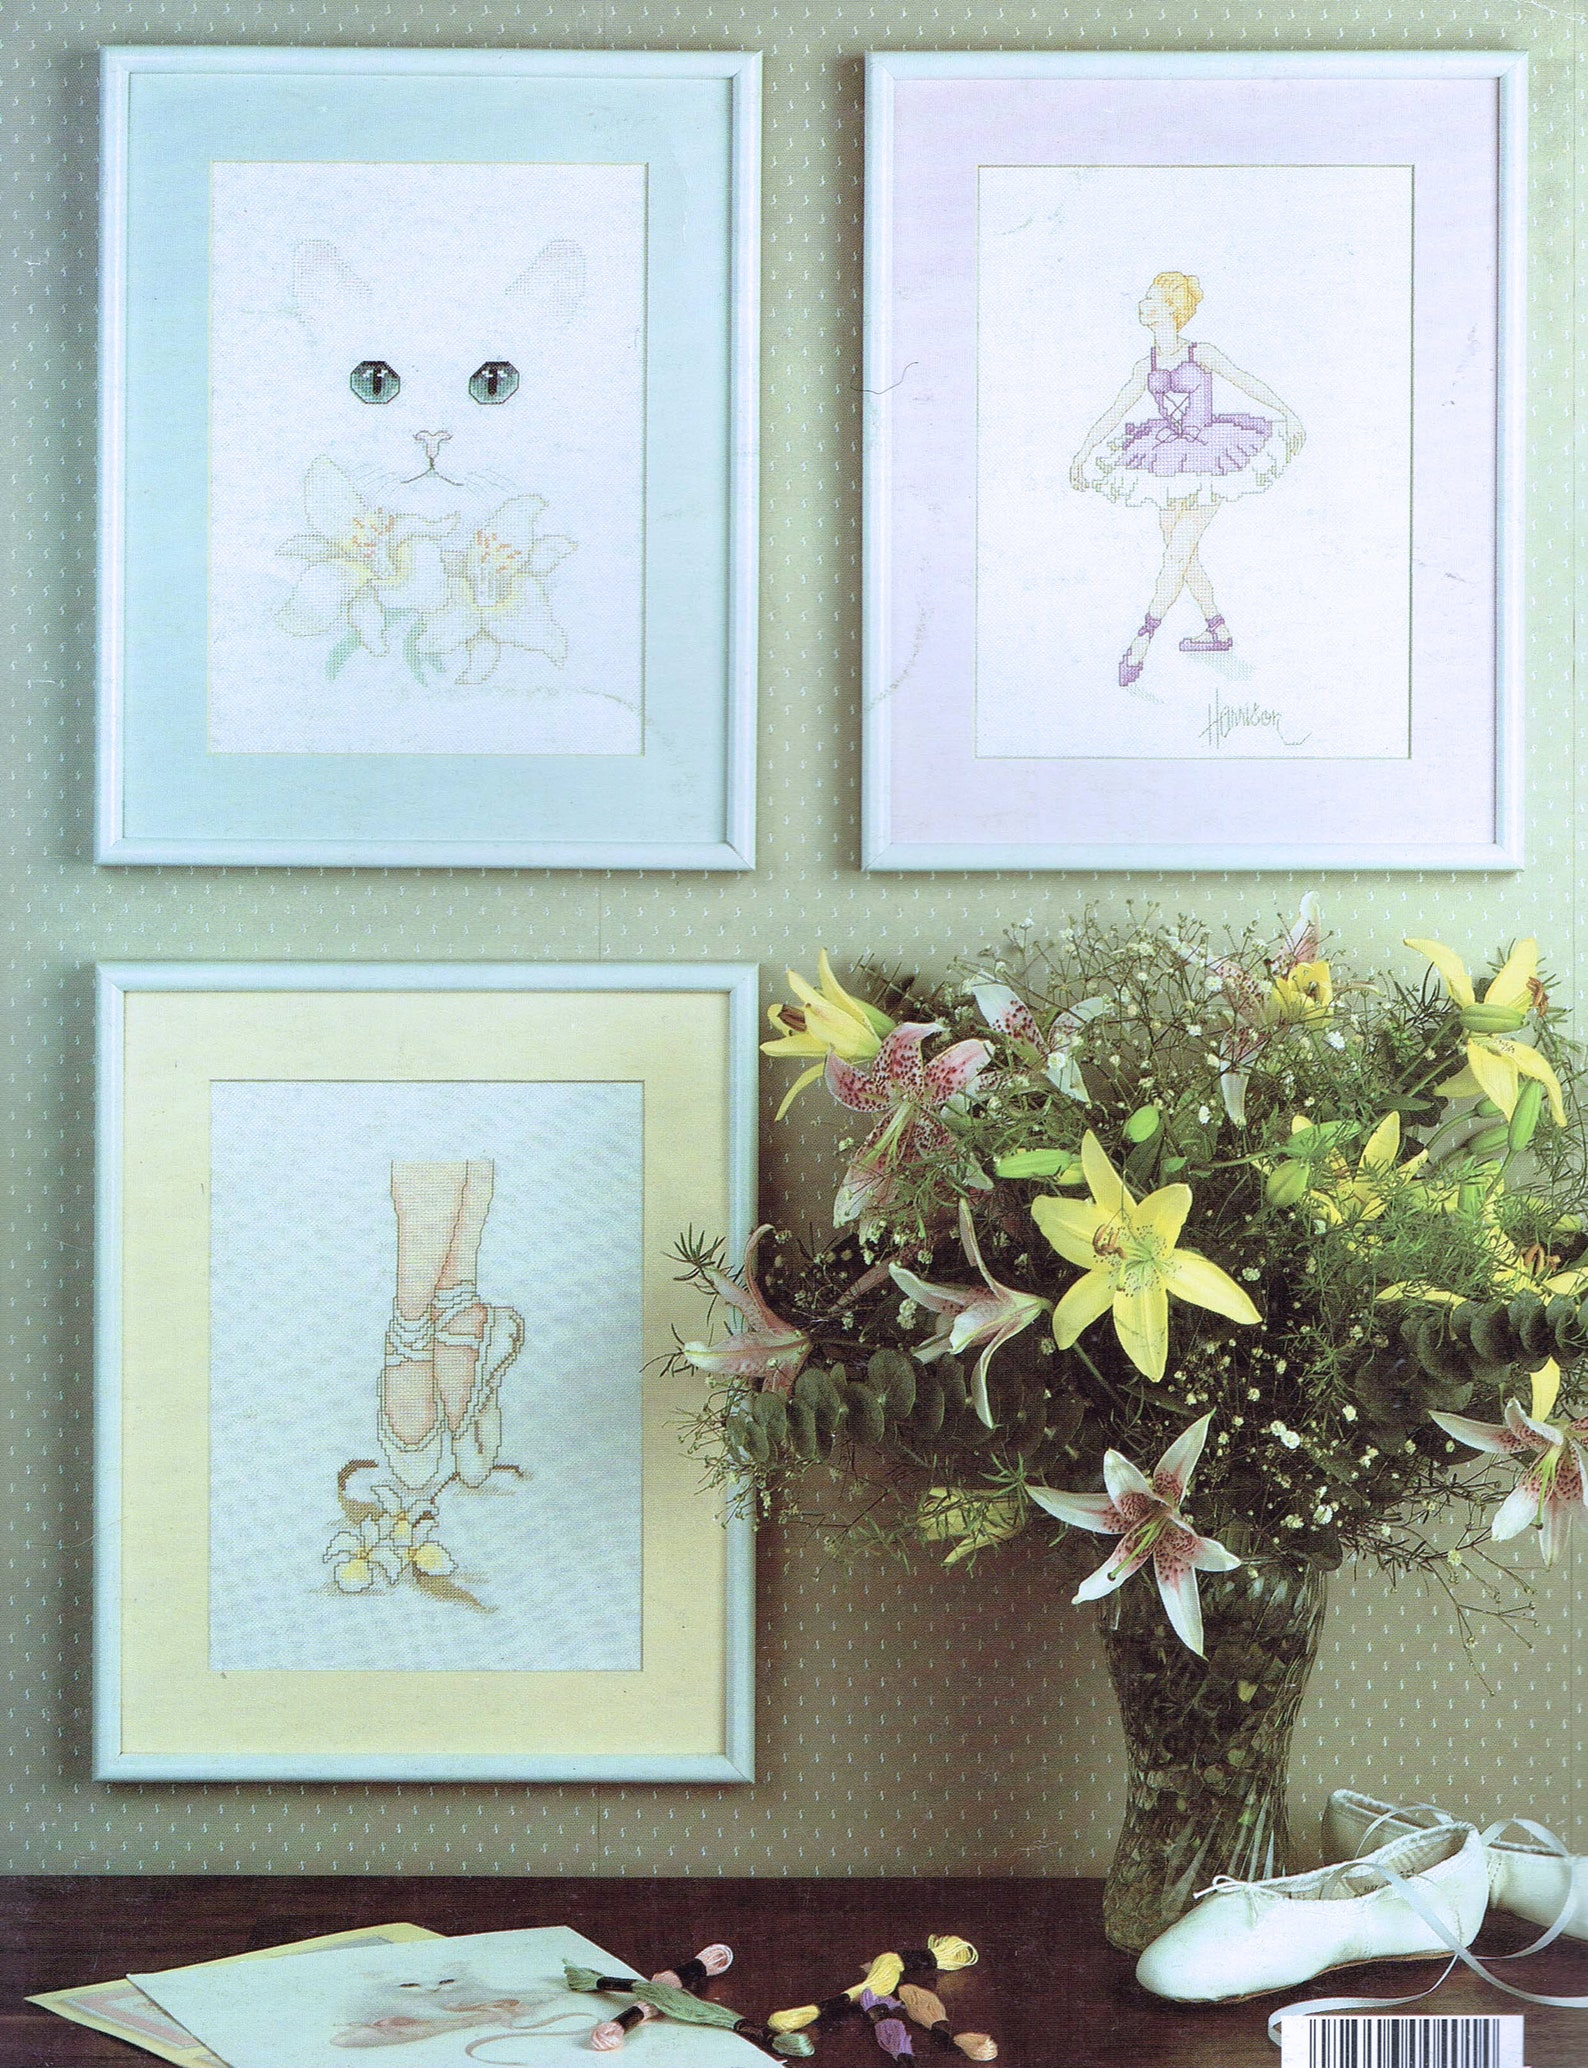 white persian cat & ballet shoes cross stitch pattern - animal cross stitch - leisure arts 401